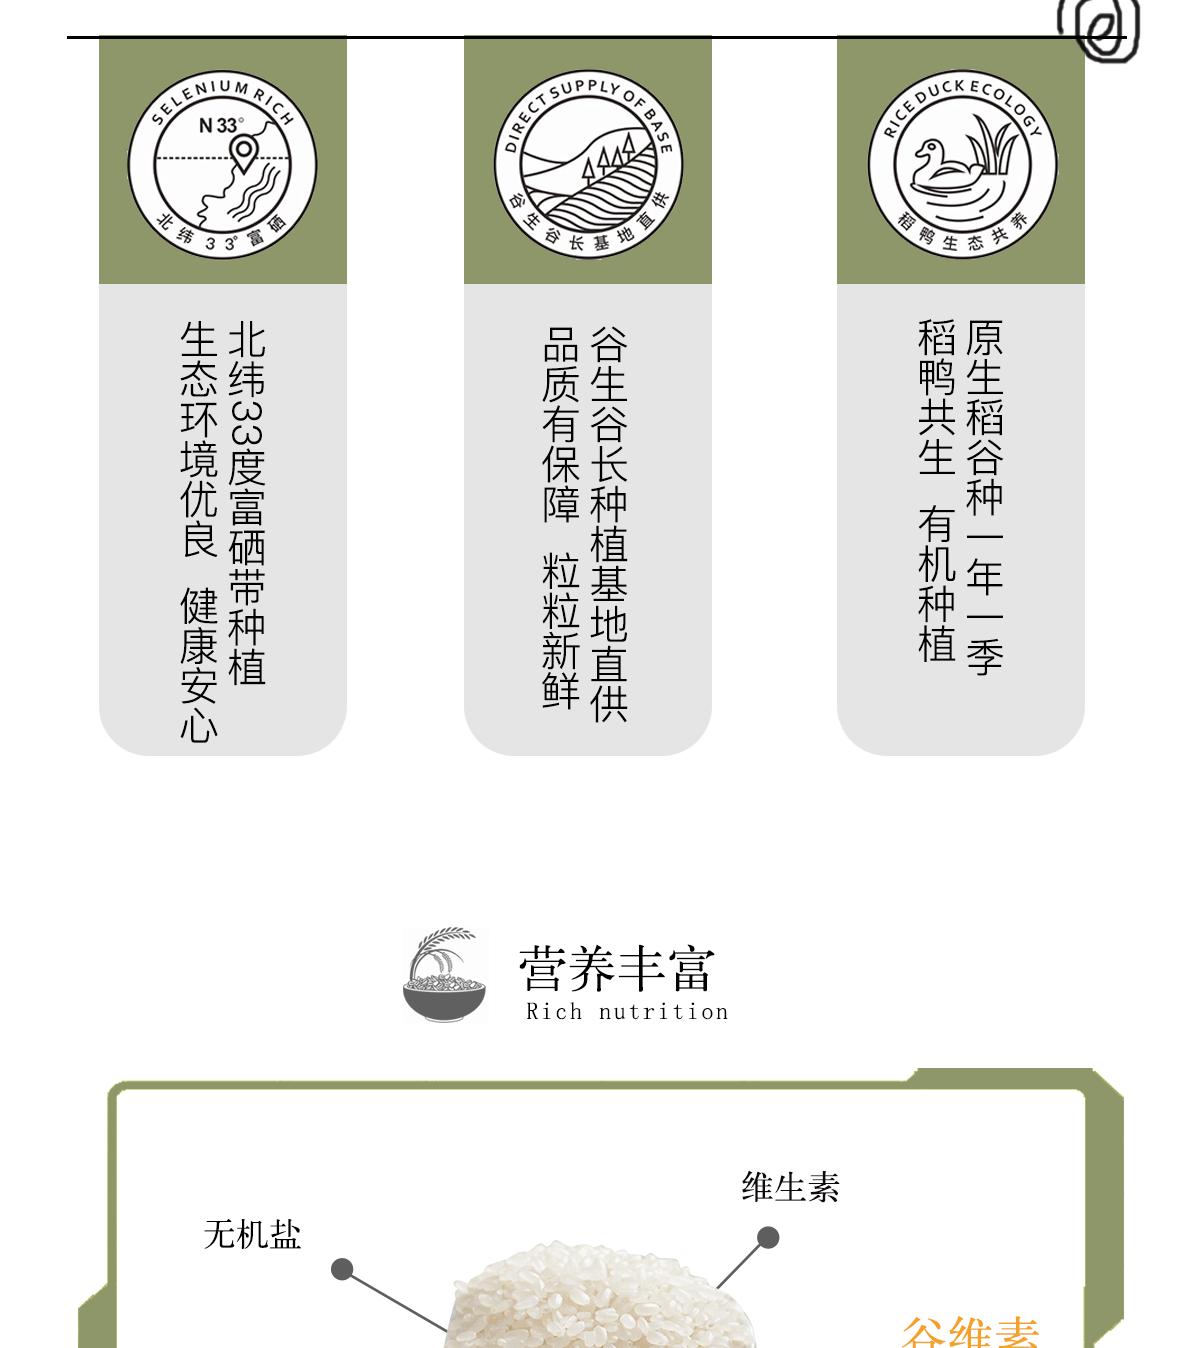 香稻贡米_05.png